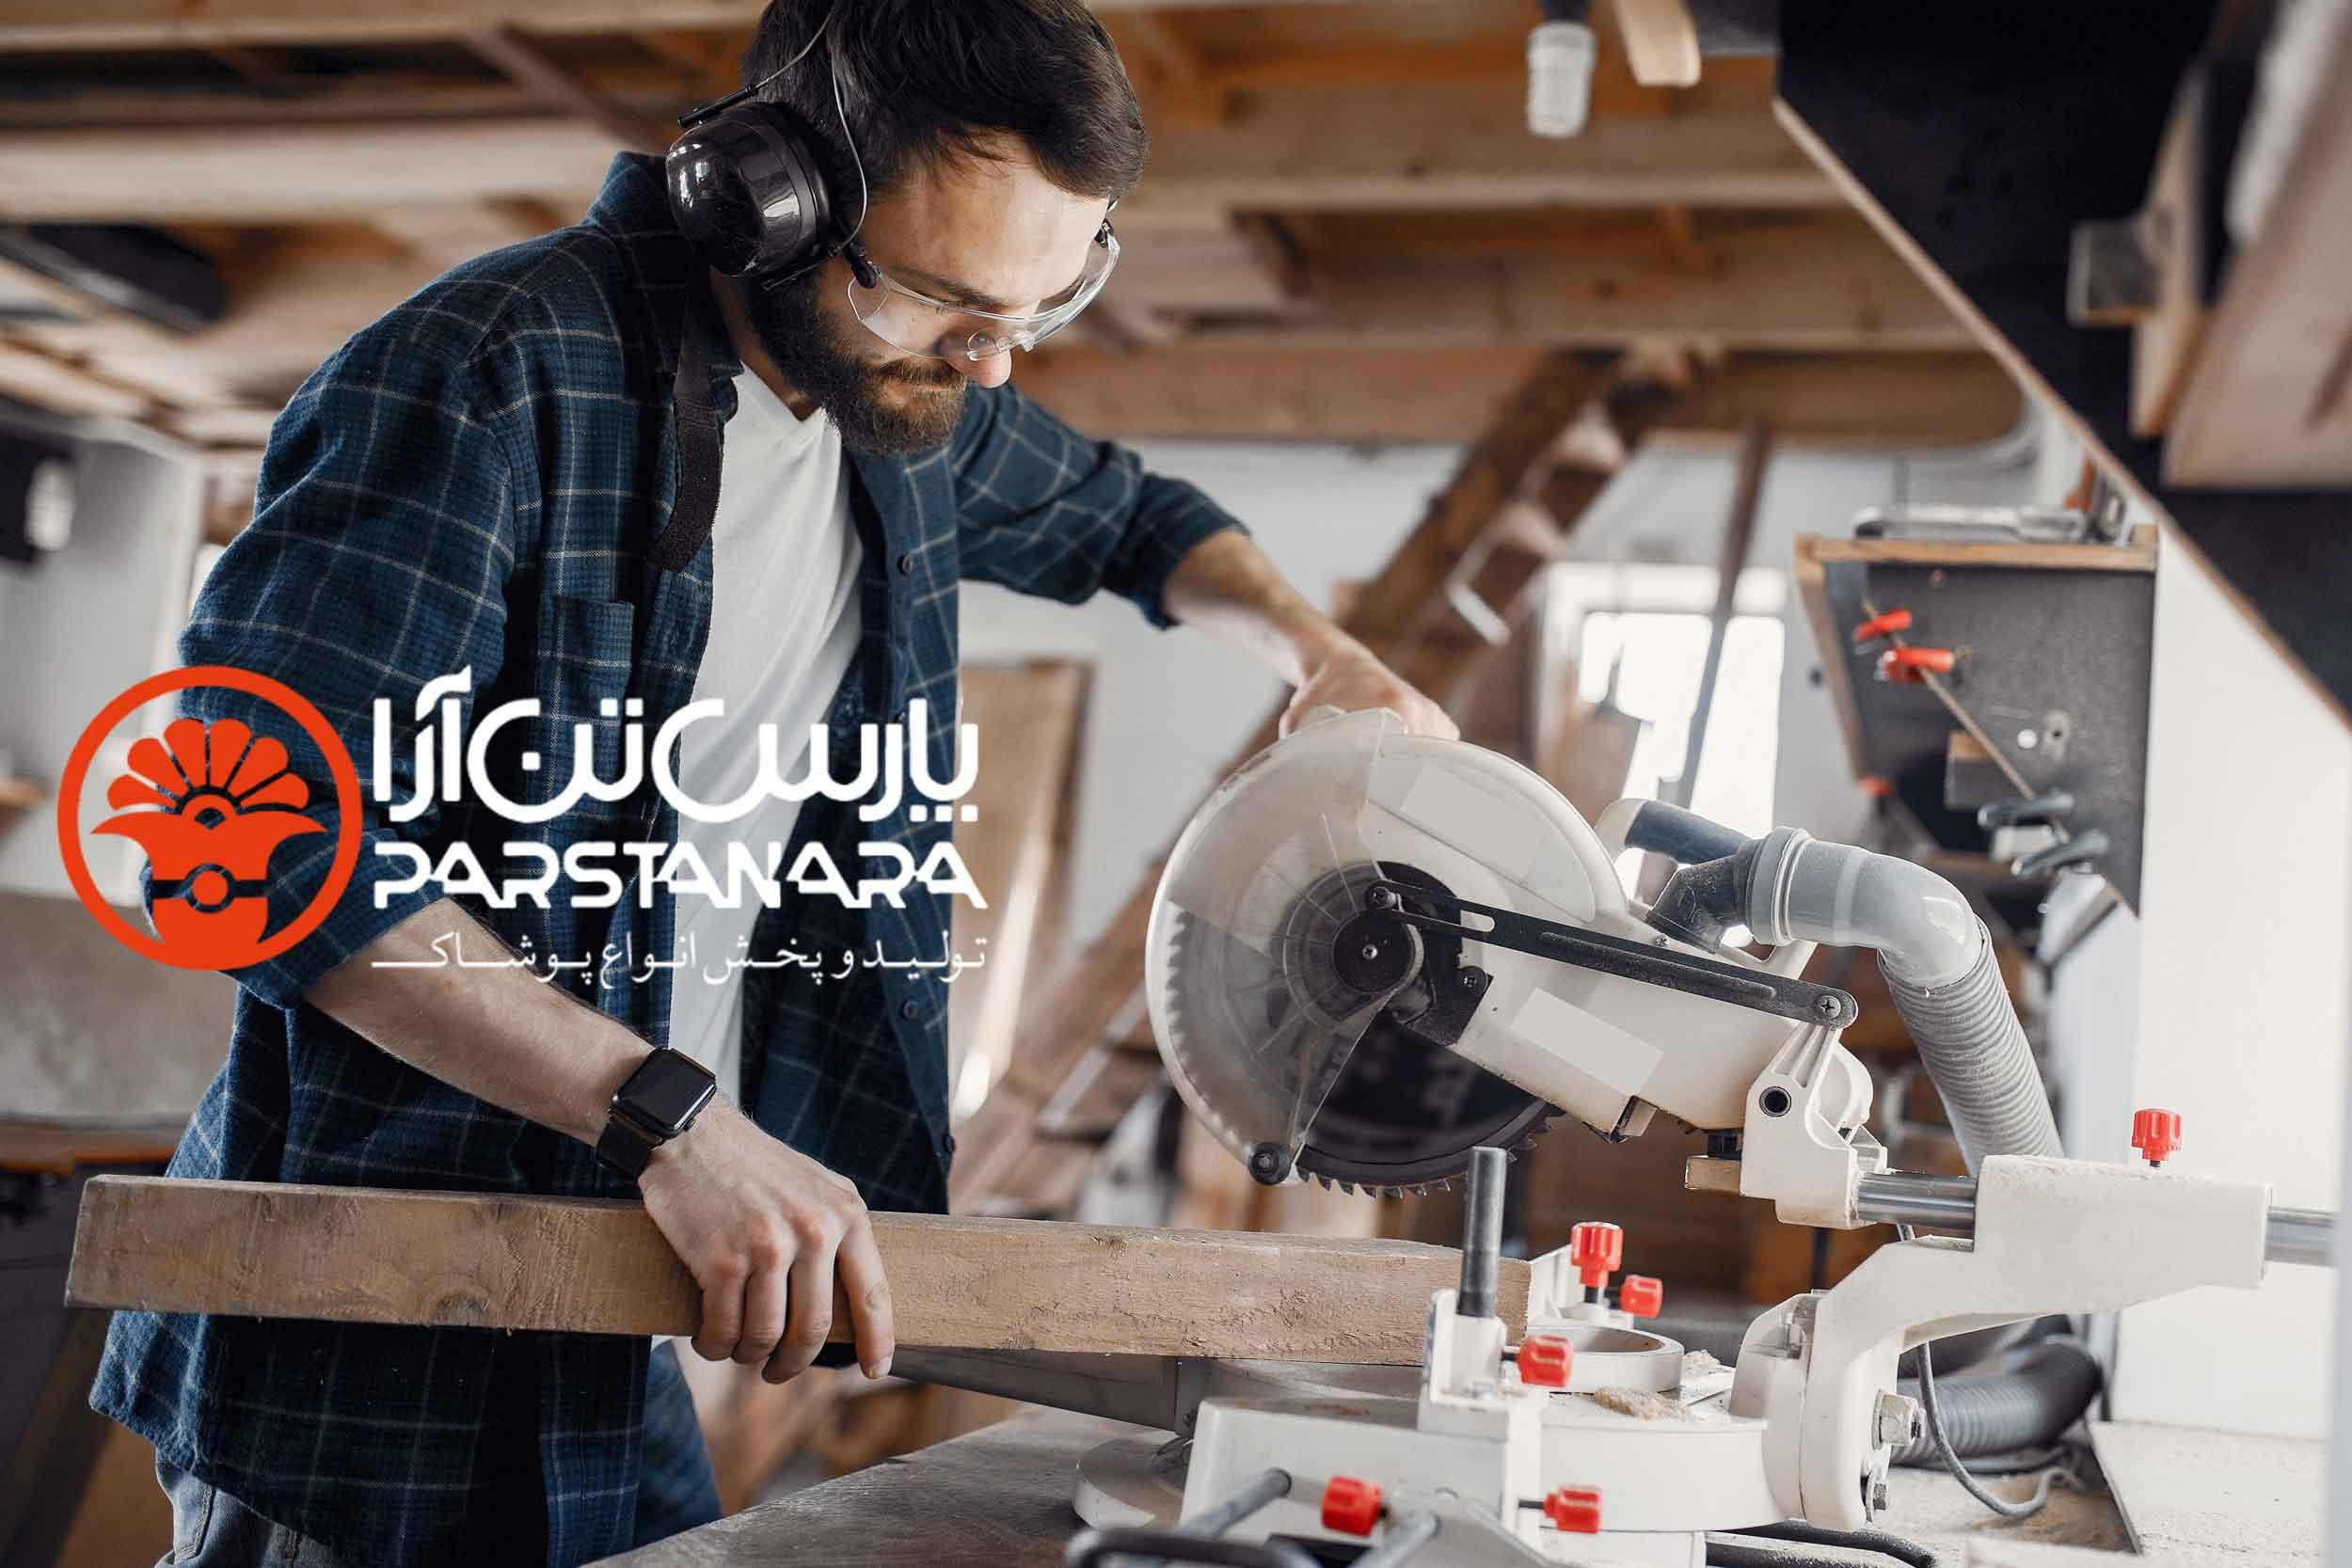 توصیه های ایمنی در هنگام کار با ابزارهای الکتریکی و دستی